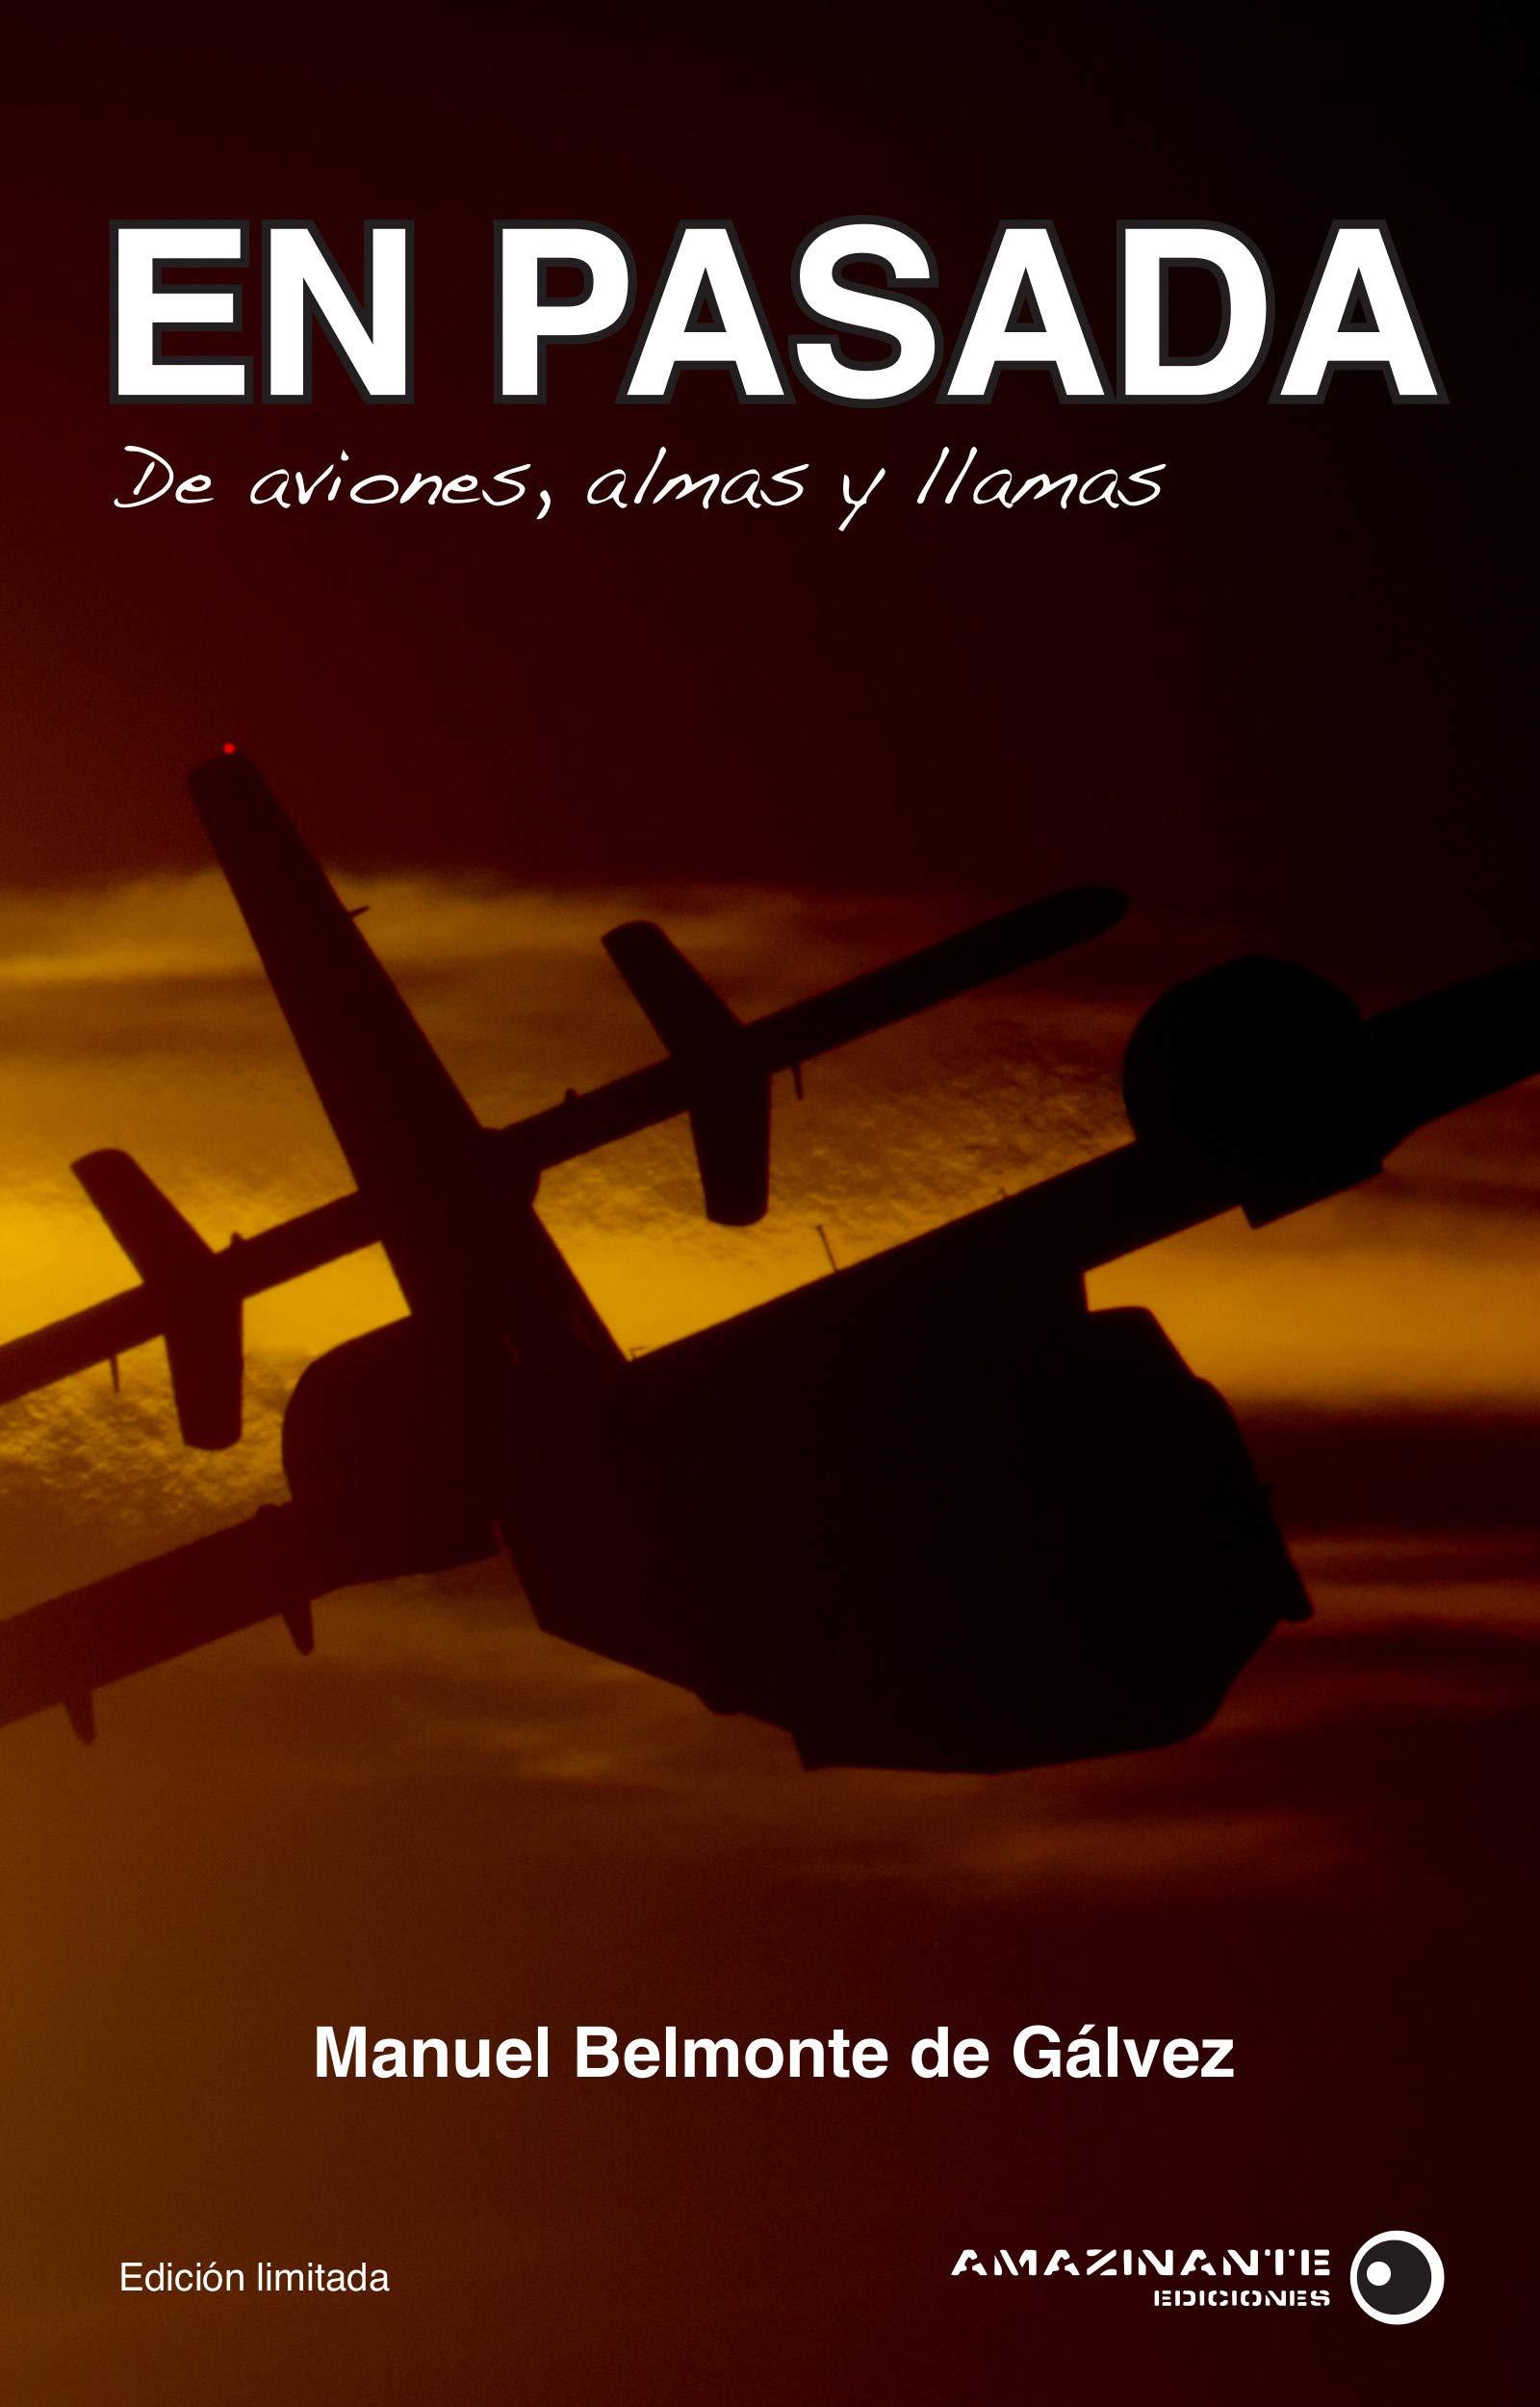 En pasada. De aviones, almas y llamas.: Amazon.es: Manuel ...